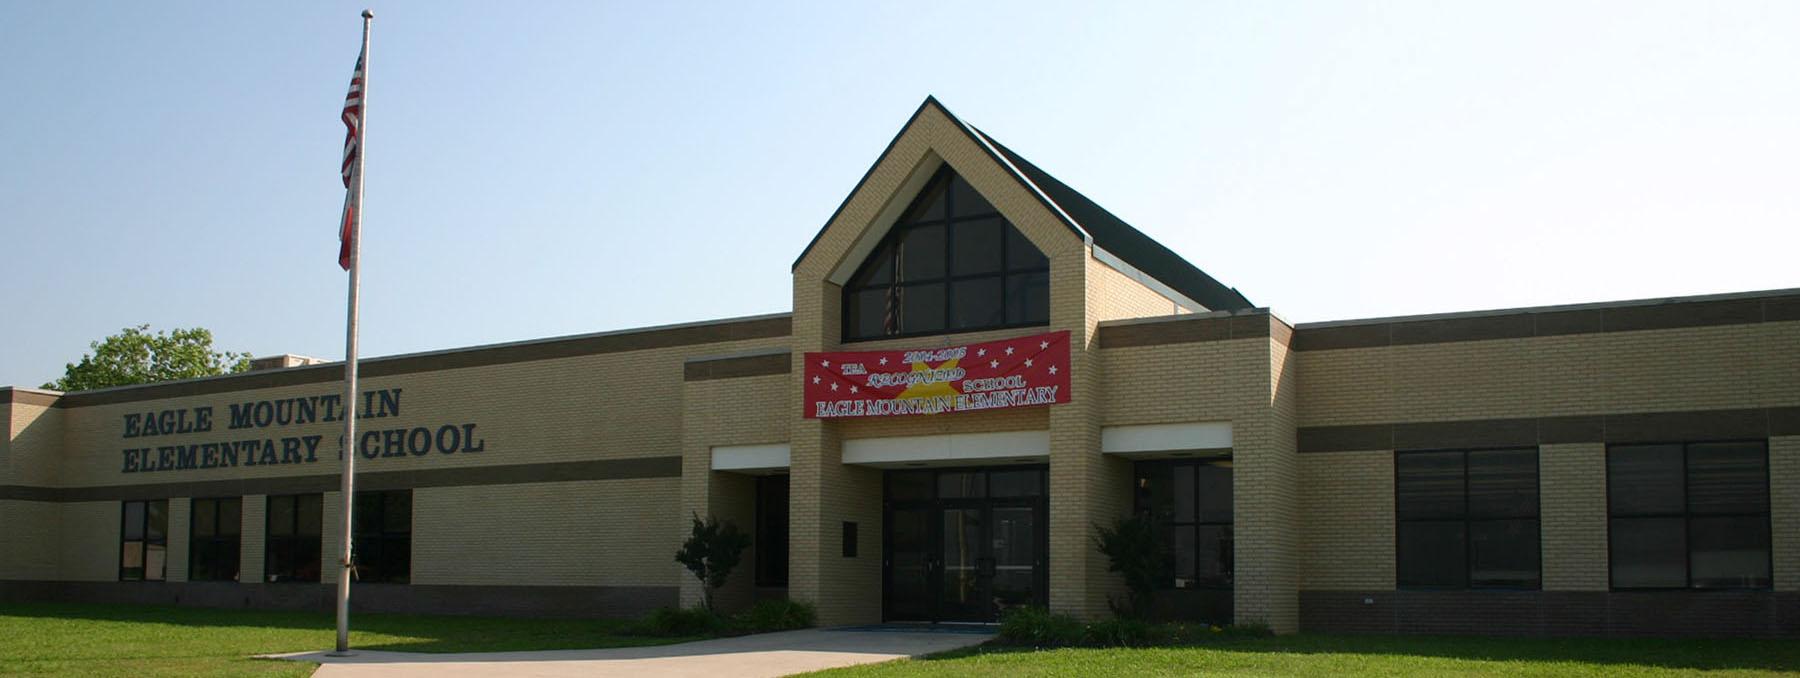 Eagle Mountain Elementary / Eagle Mountain Elementary Homepage